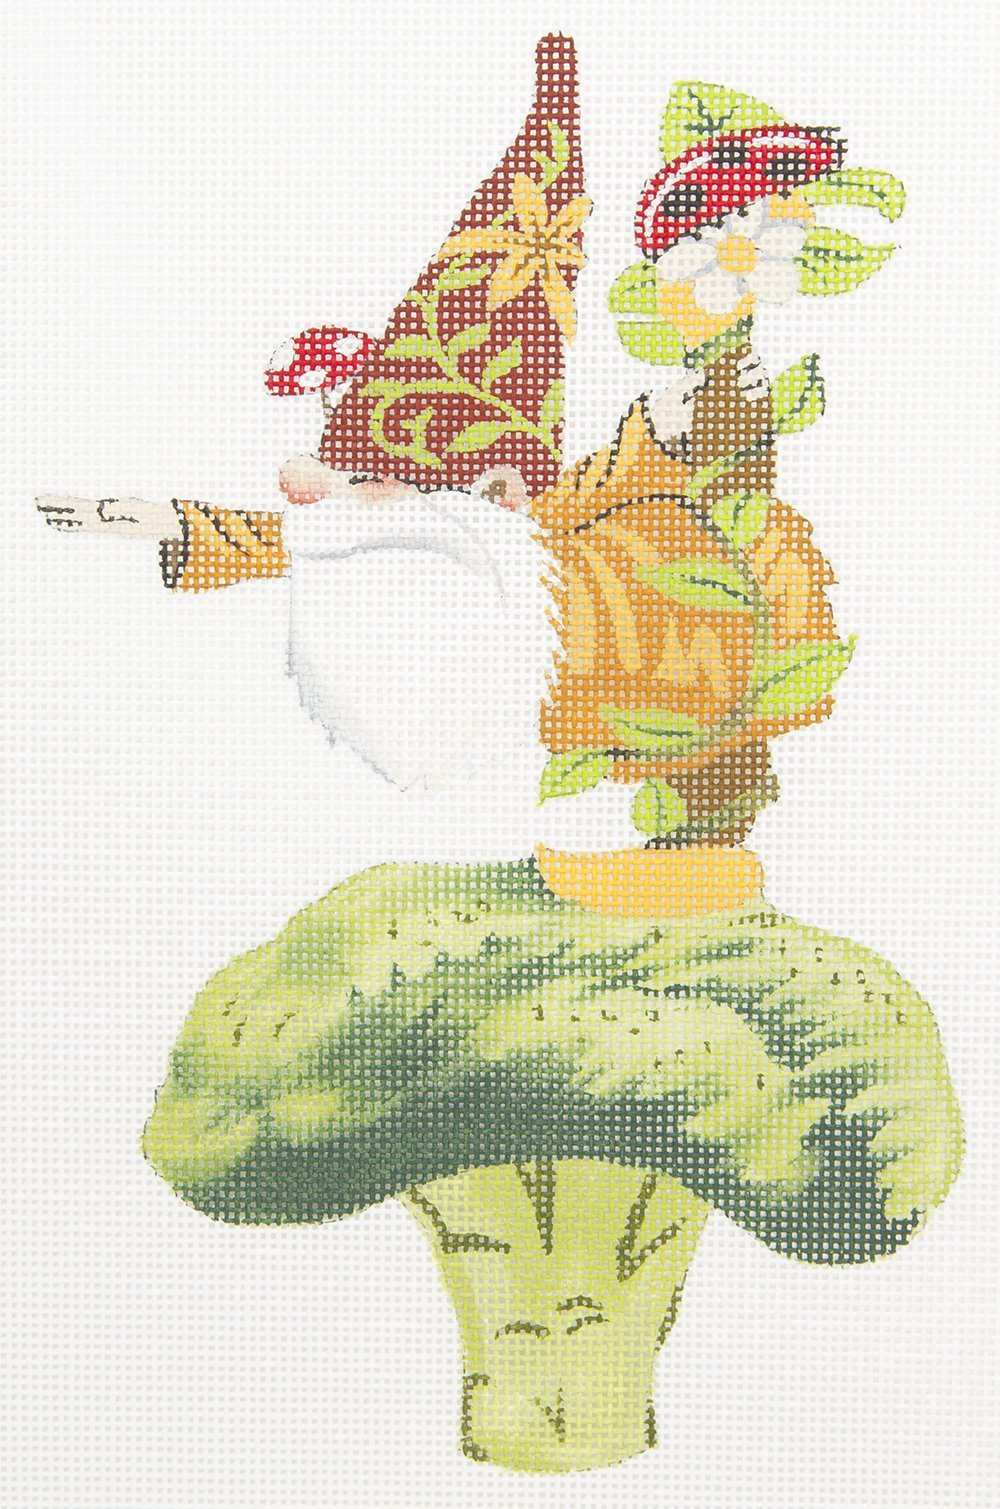 GA21 Gnome on Broccoli Love You More